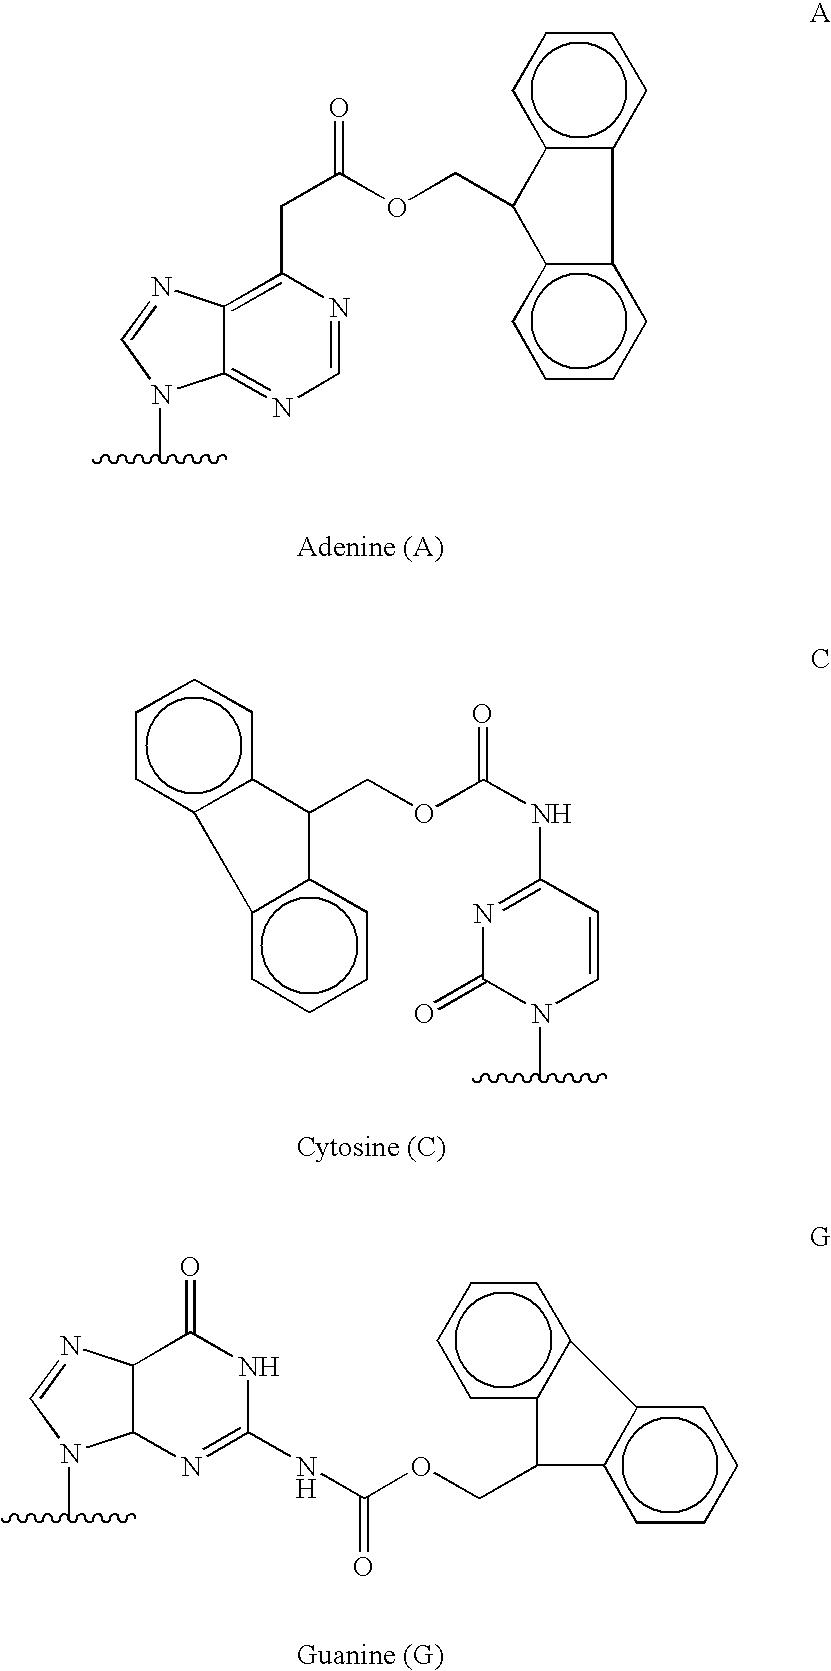 Figure US06544739-20030408-C00004